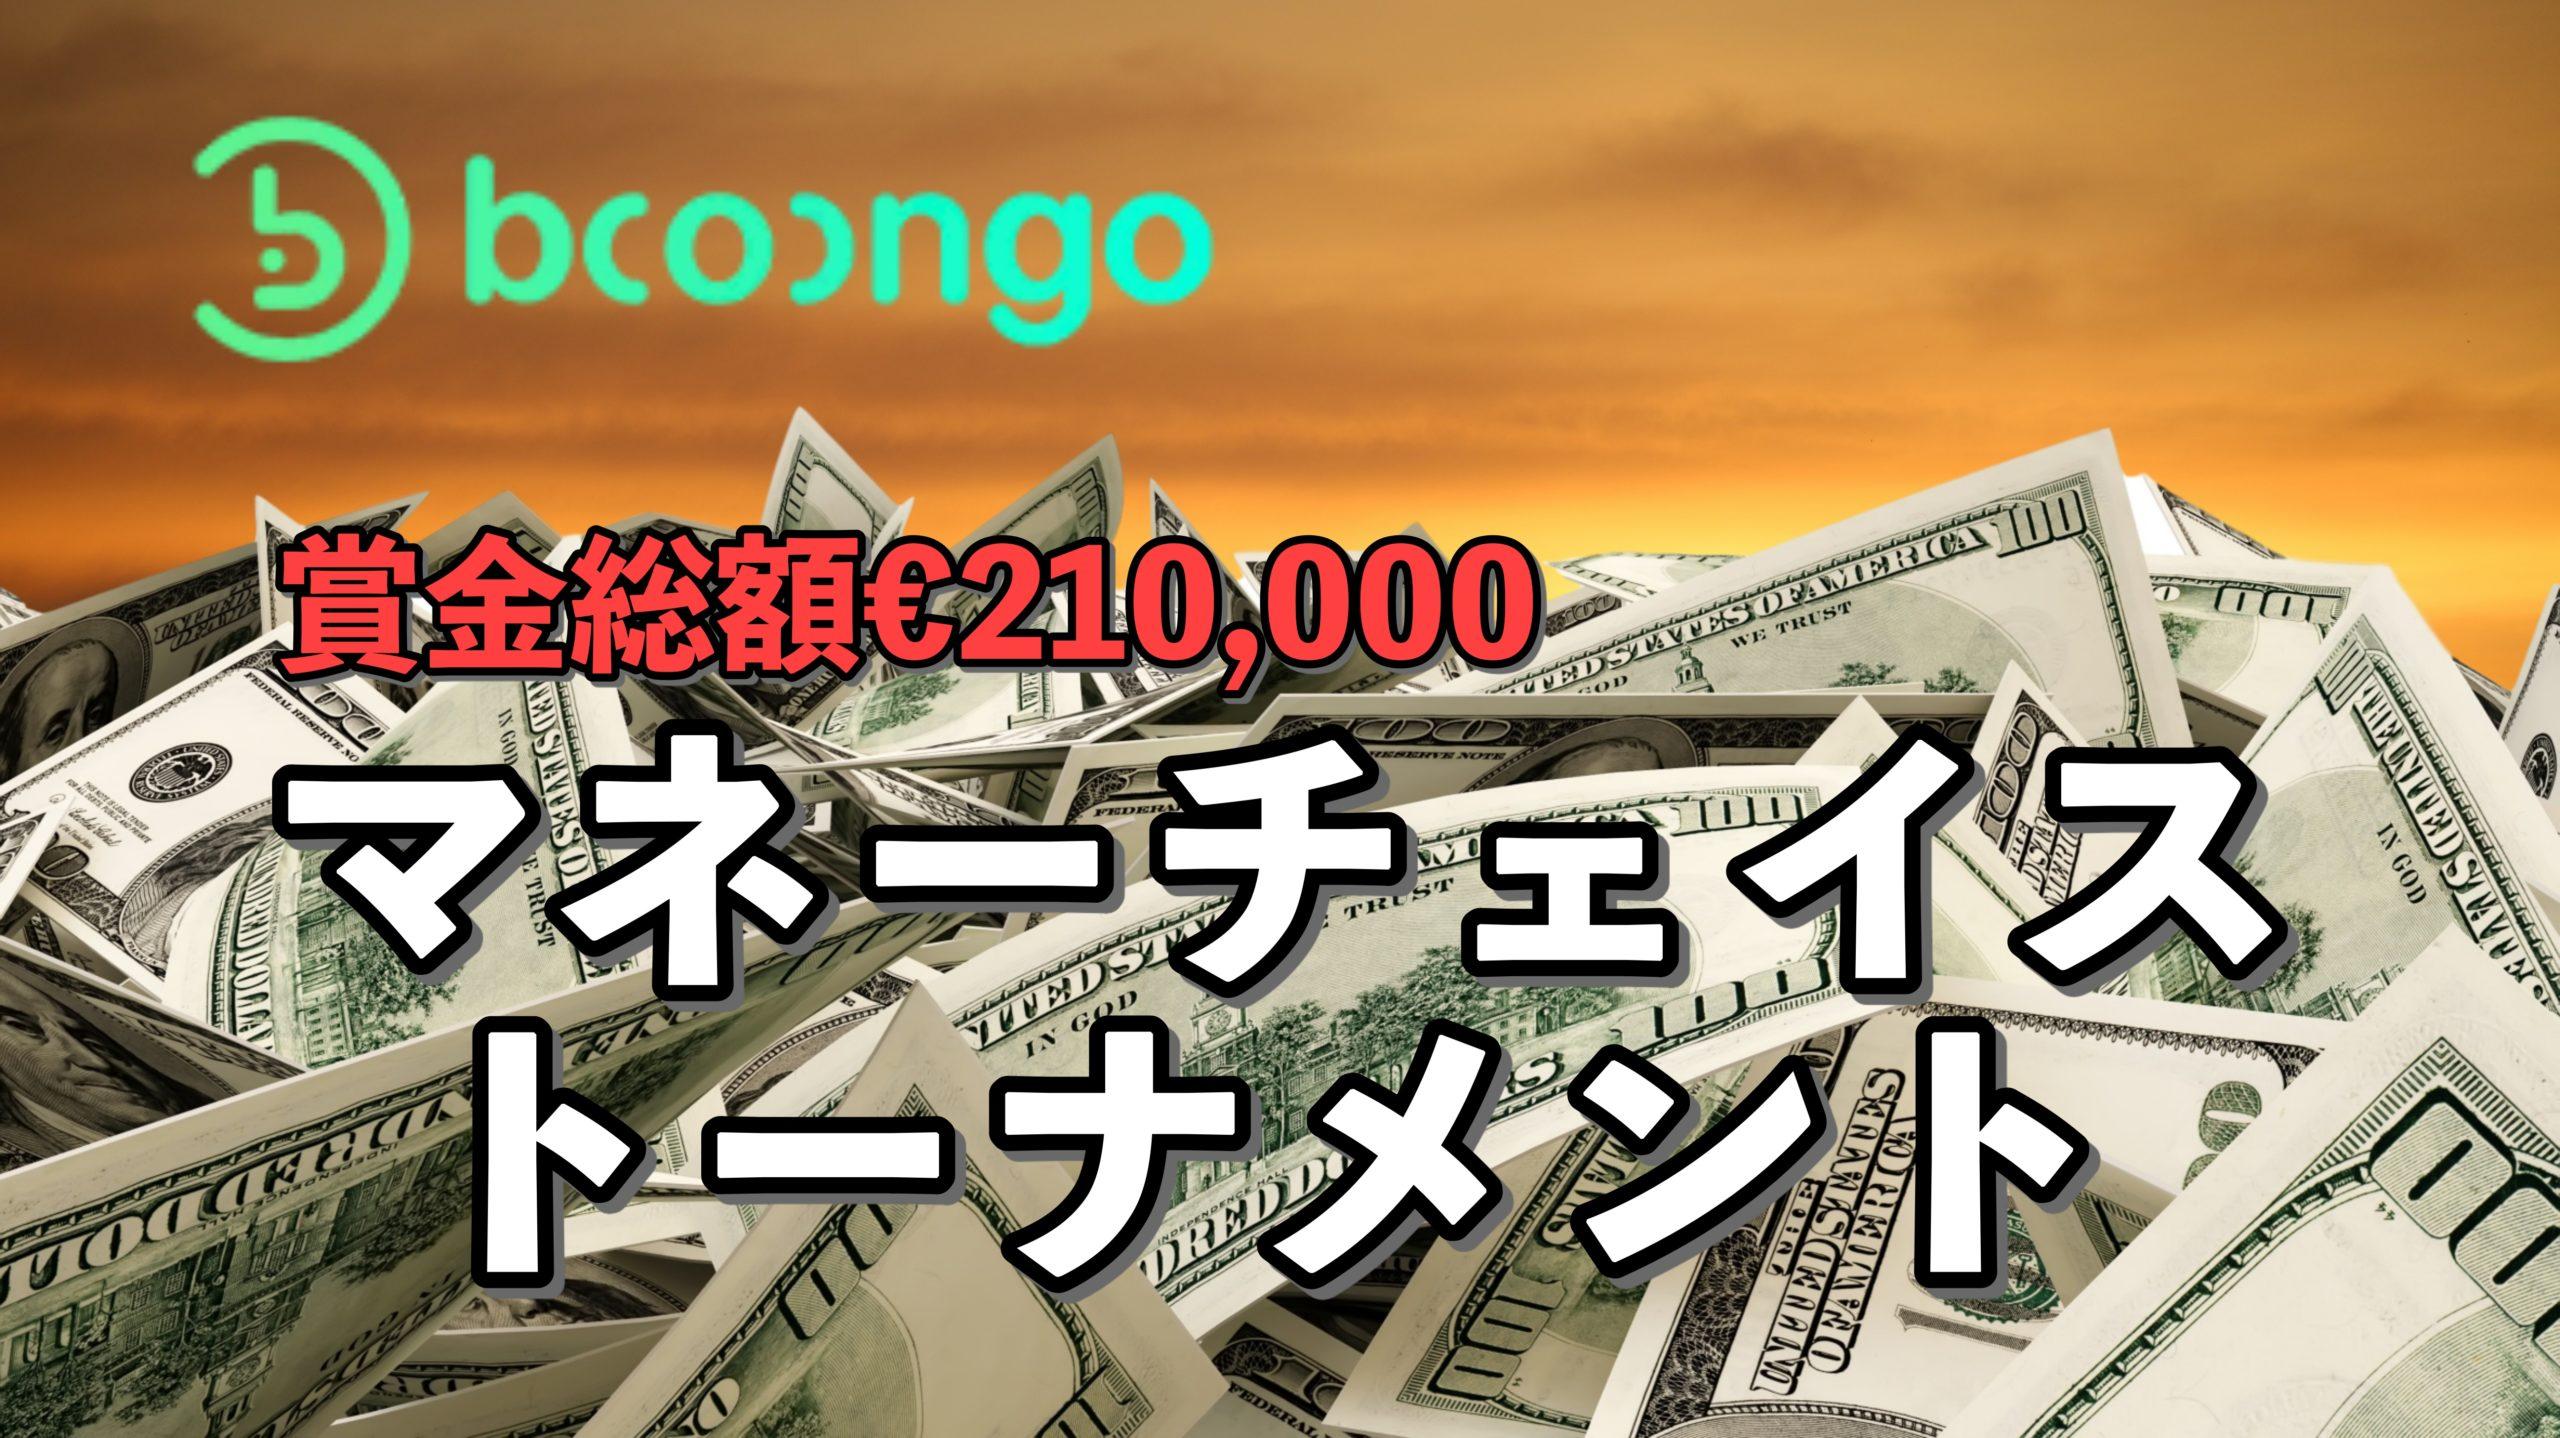 Booongo社のスロットが対象|賞金総額€210,000の「マネーチェイス・トーナメント」第4週目がスタート!